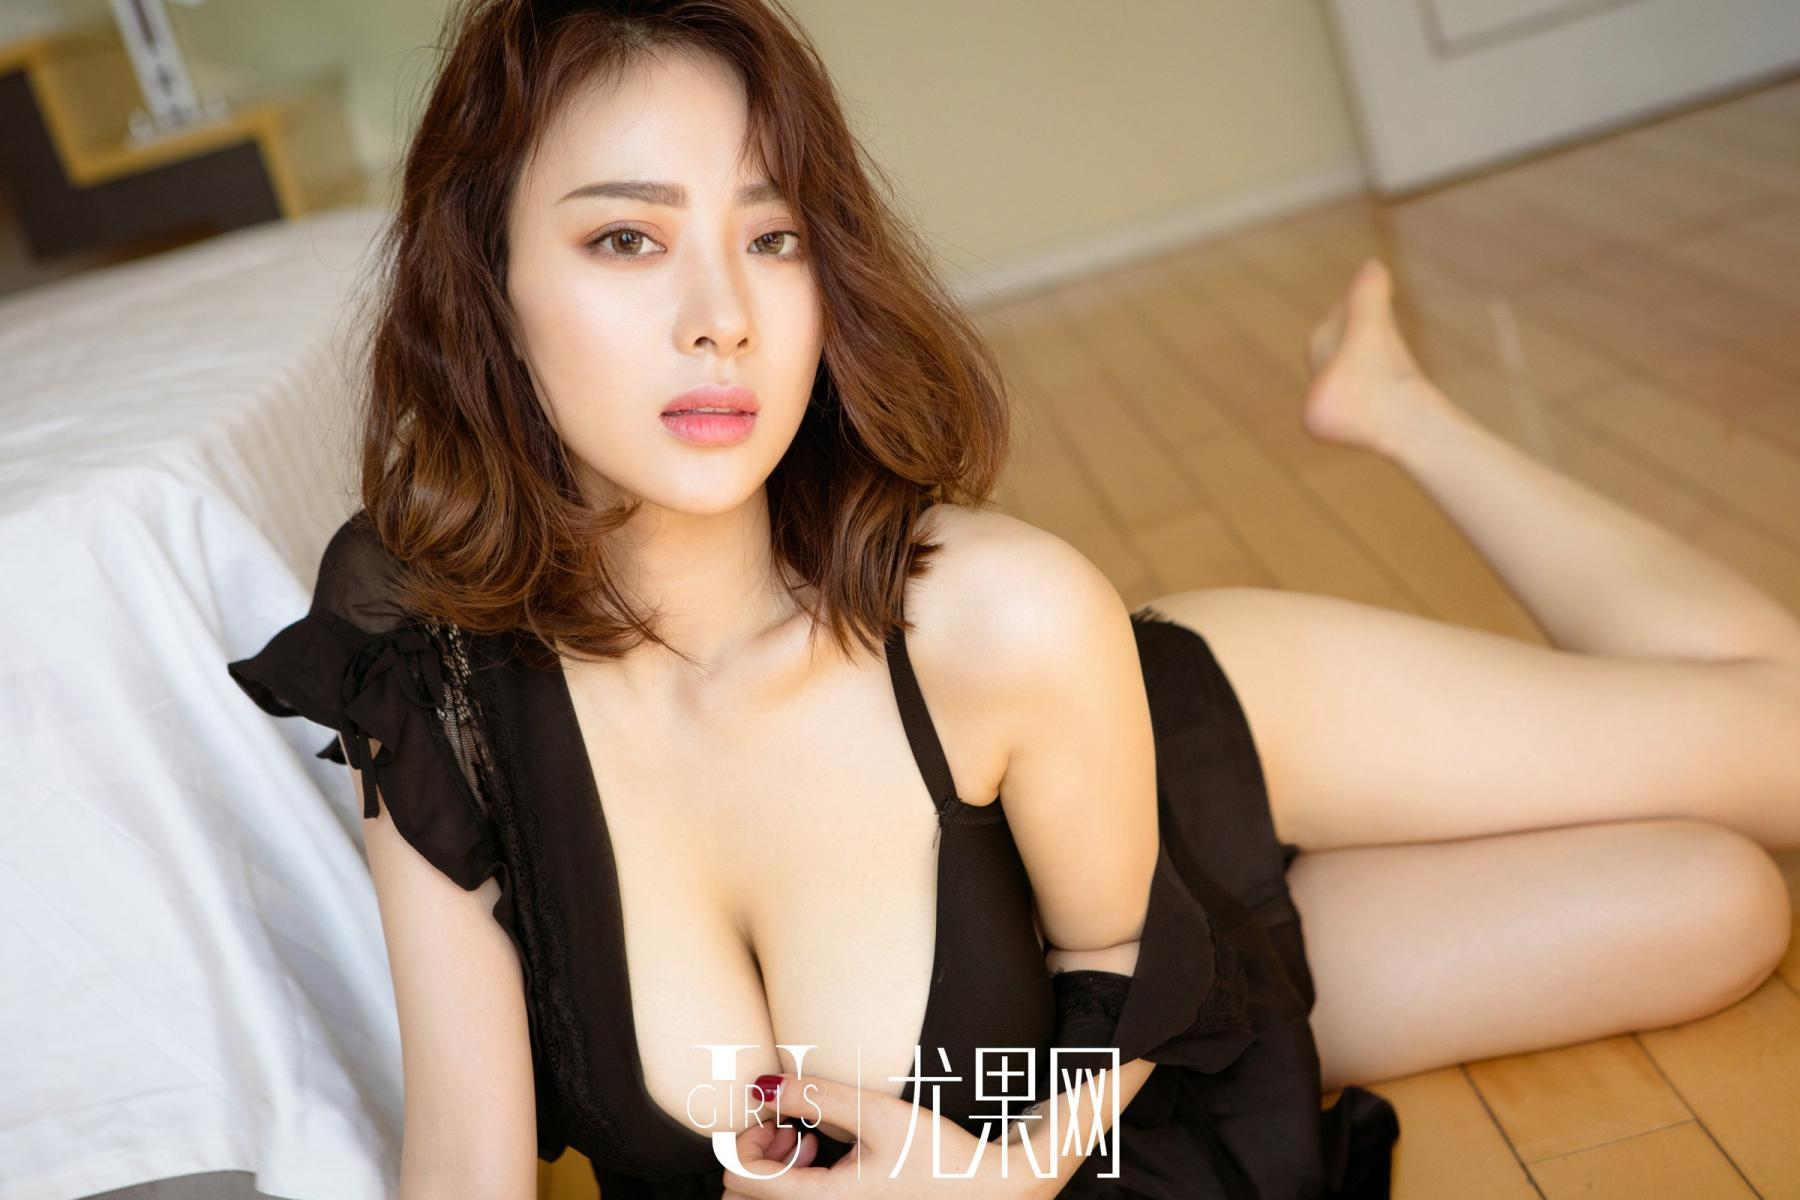 Ugirls Vol. 225 Ai Fei Er - Page 2 of 5 - Best Hot Girls